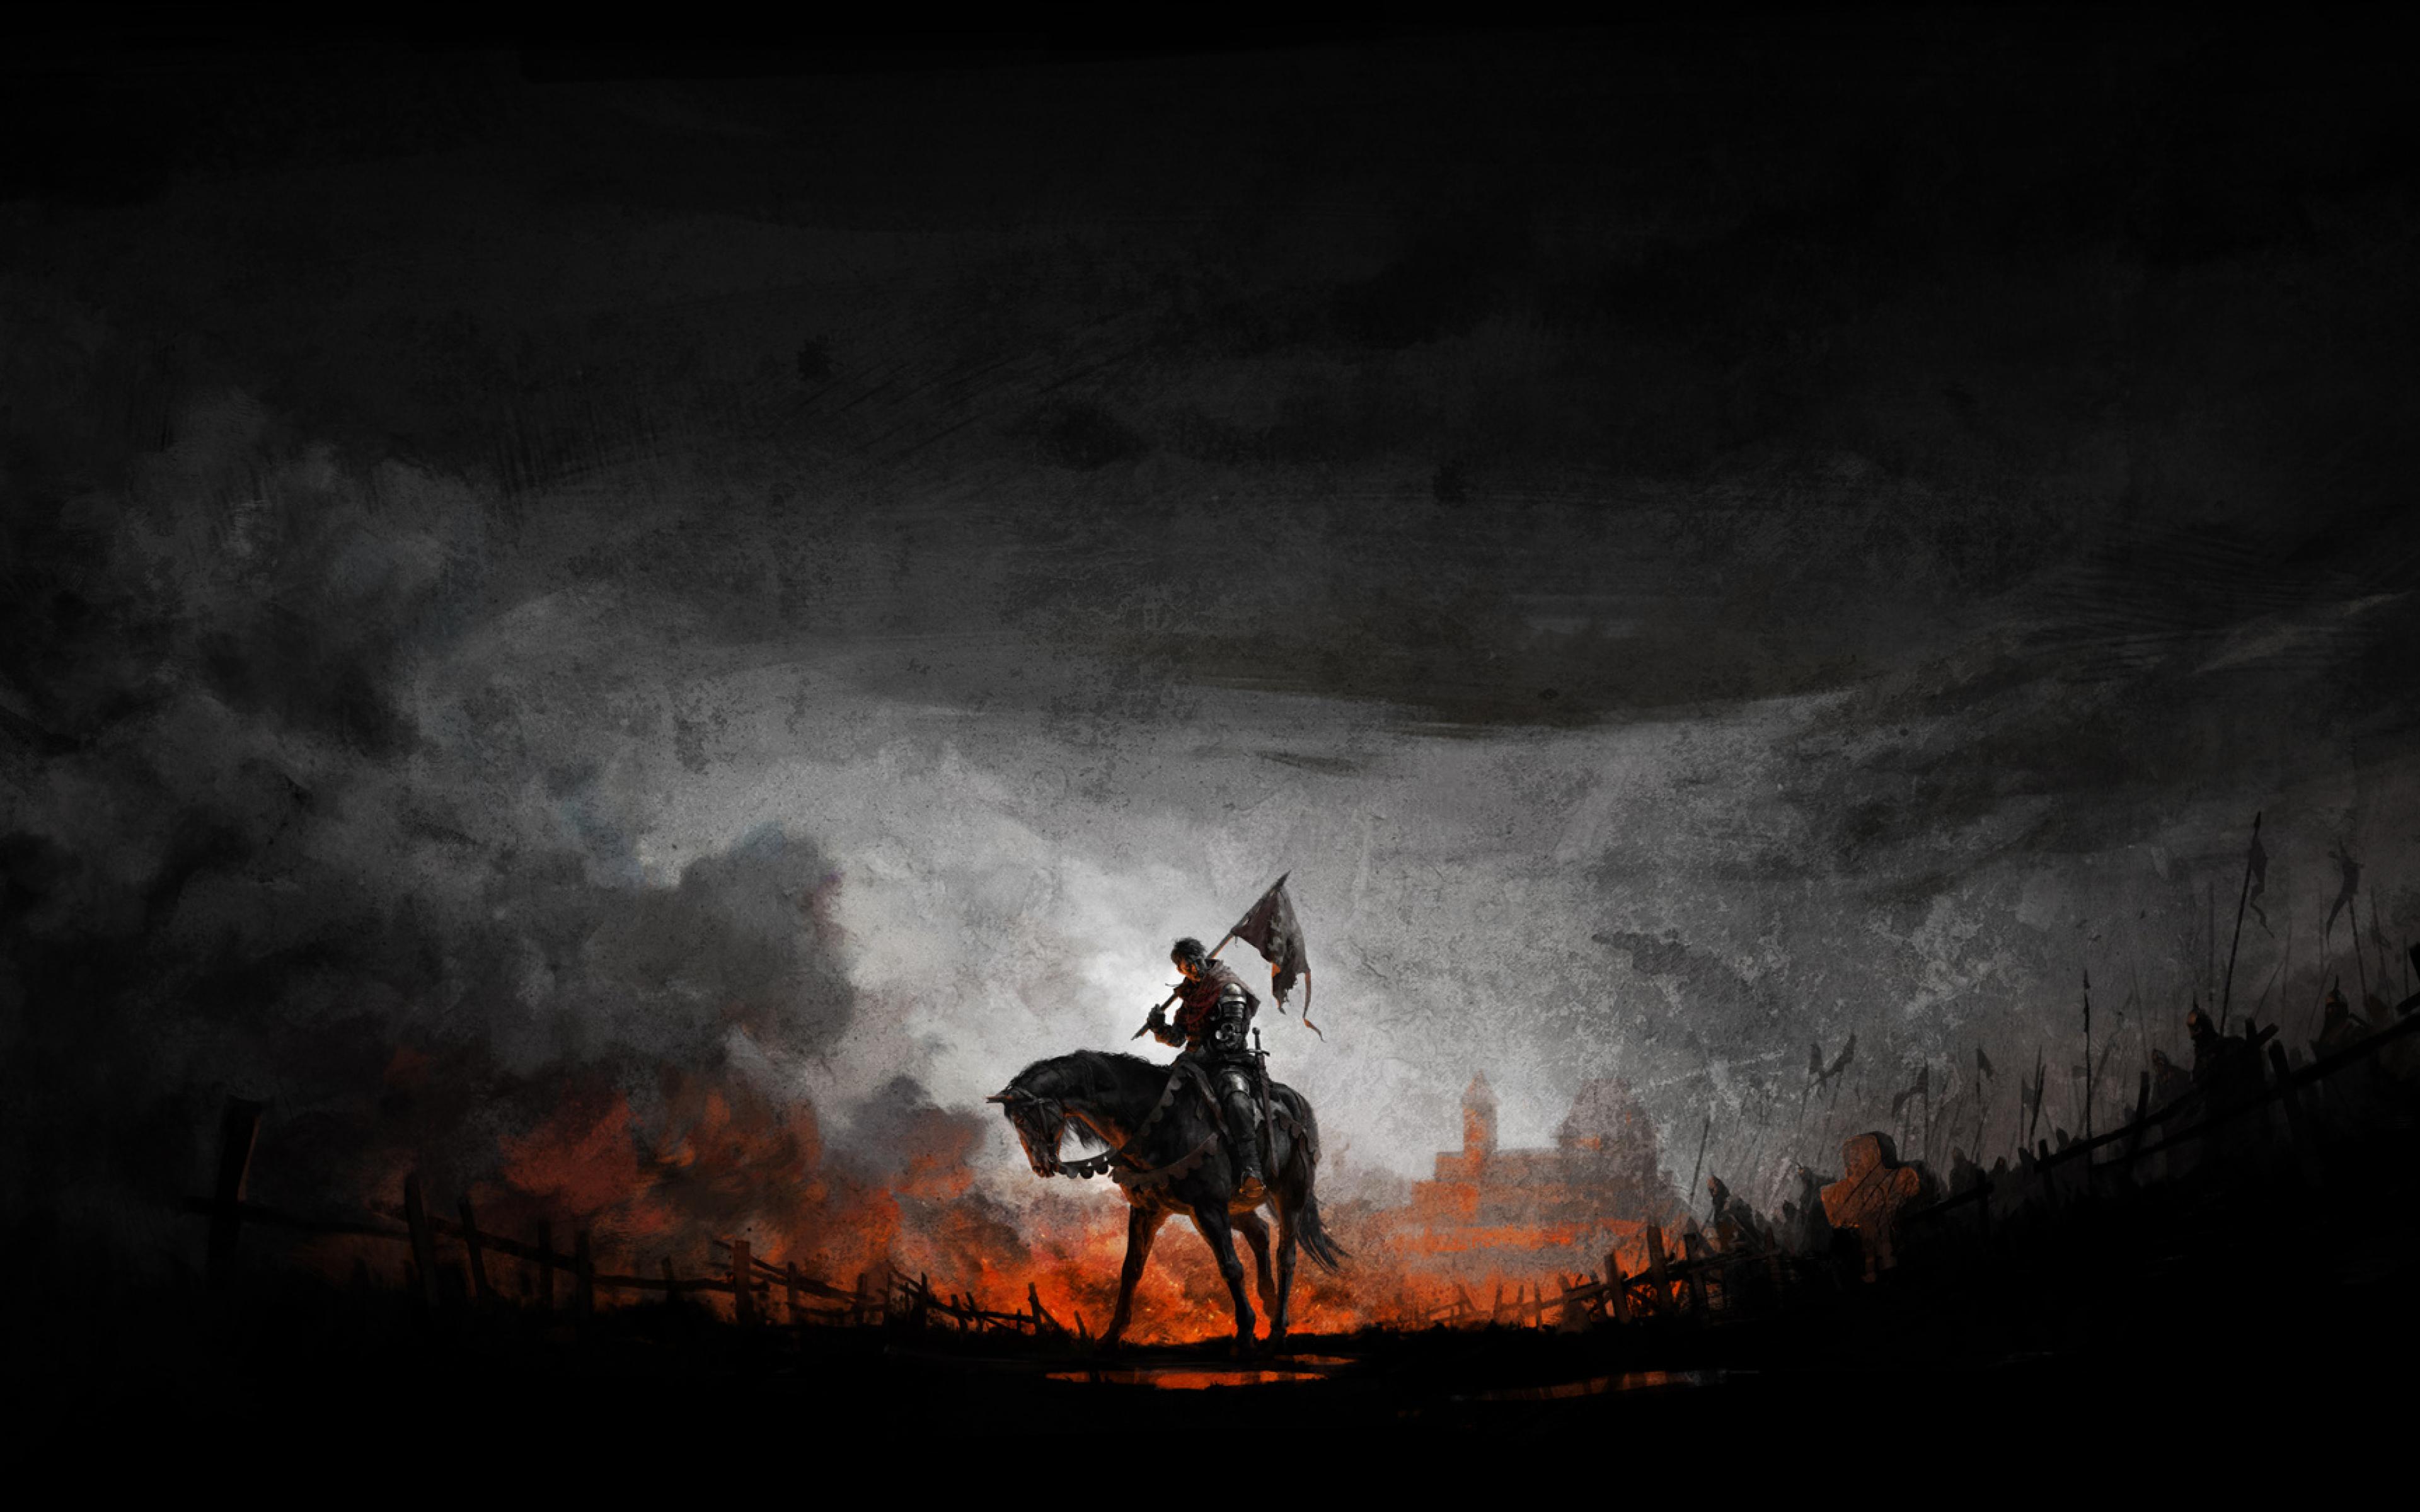 Kingdom Come Deliverance, Full HD 2K Wallpaper